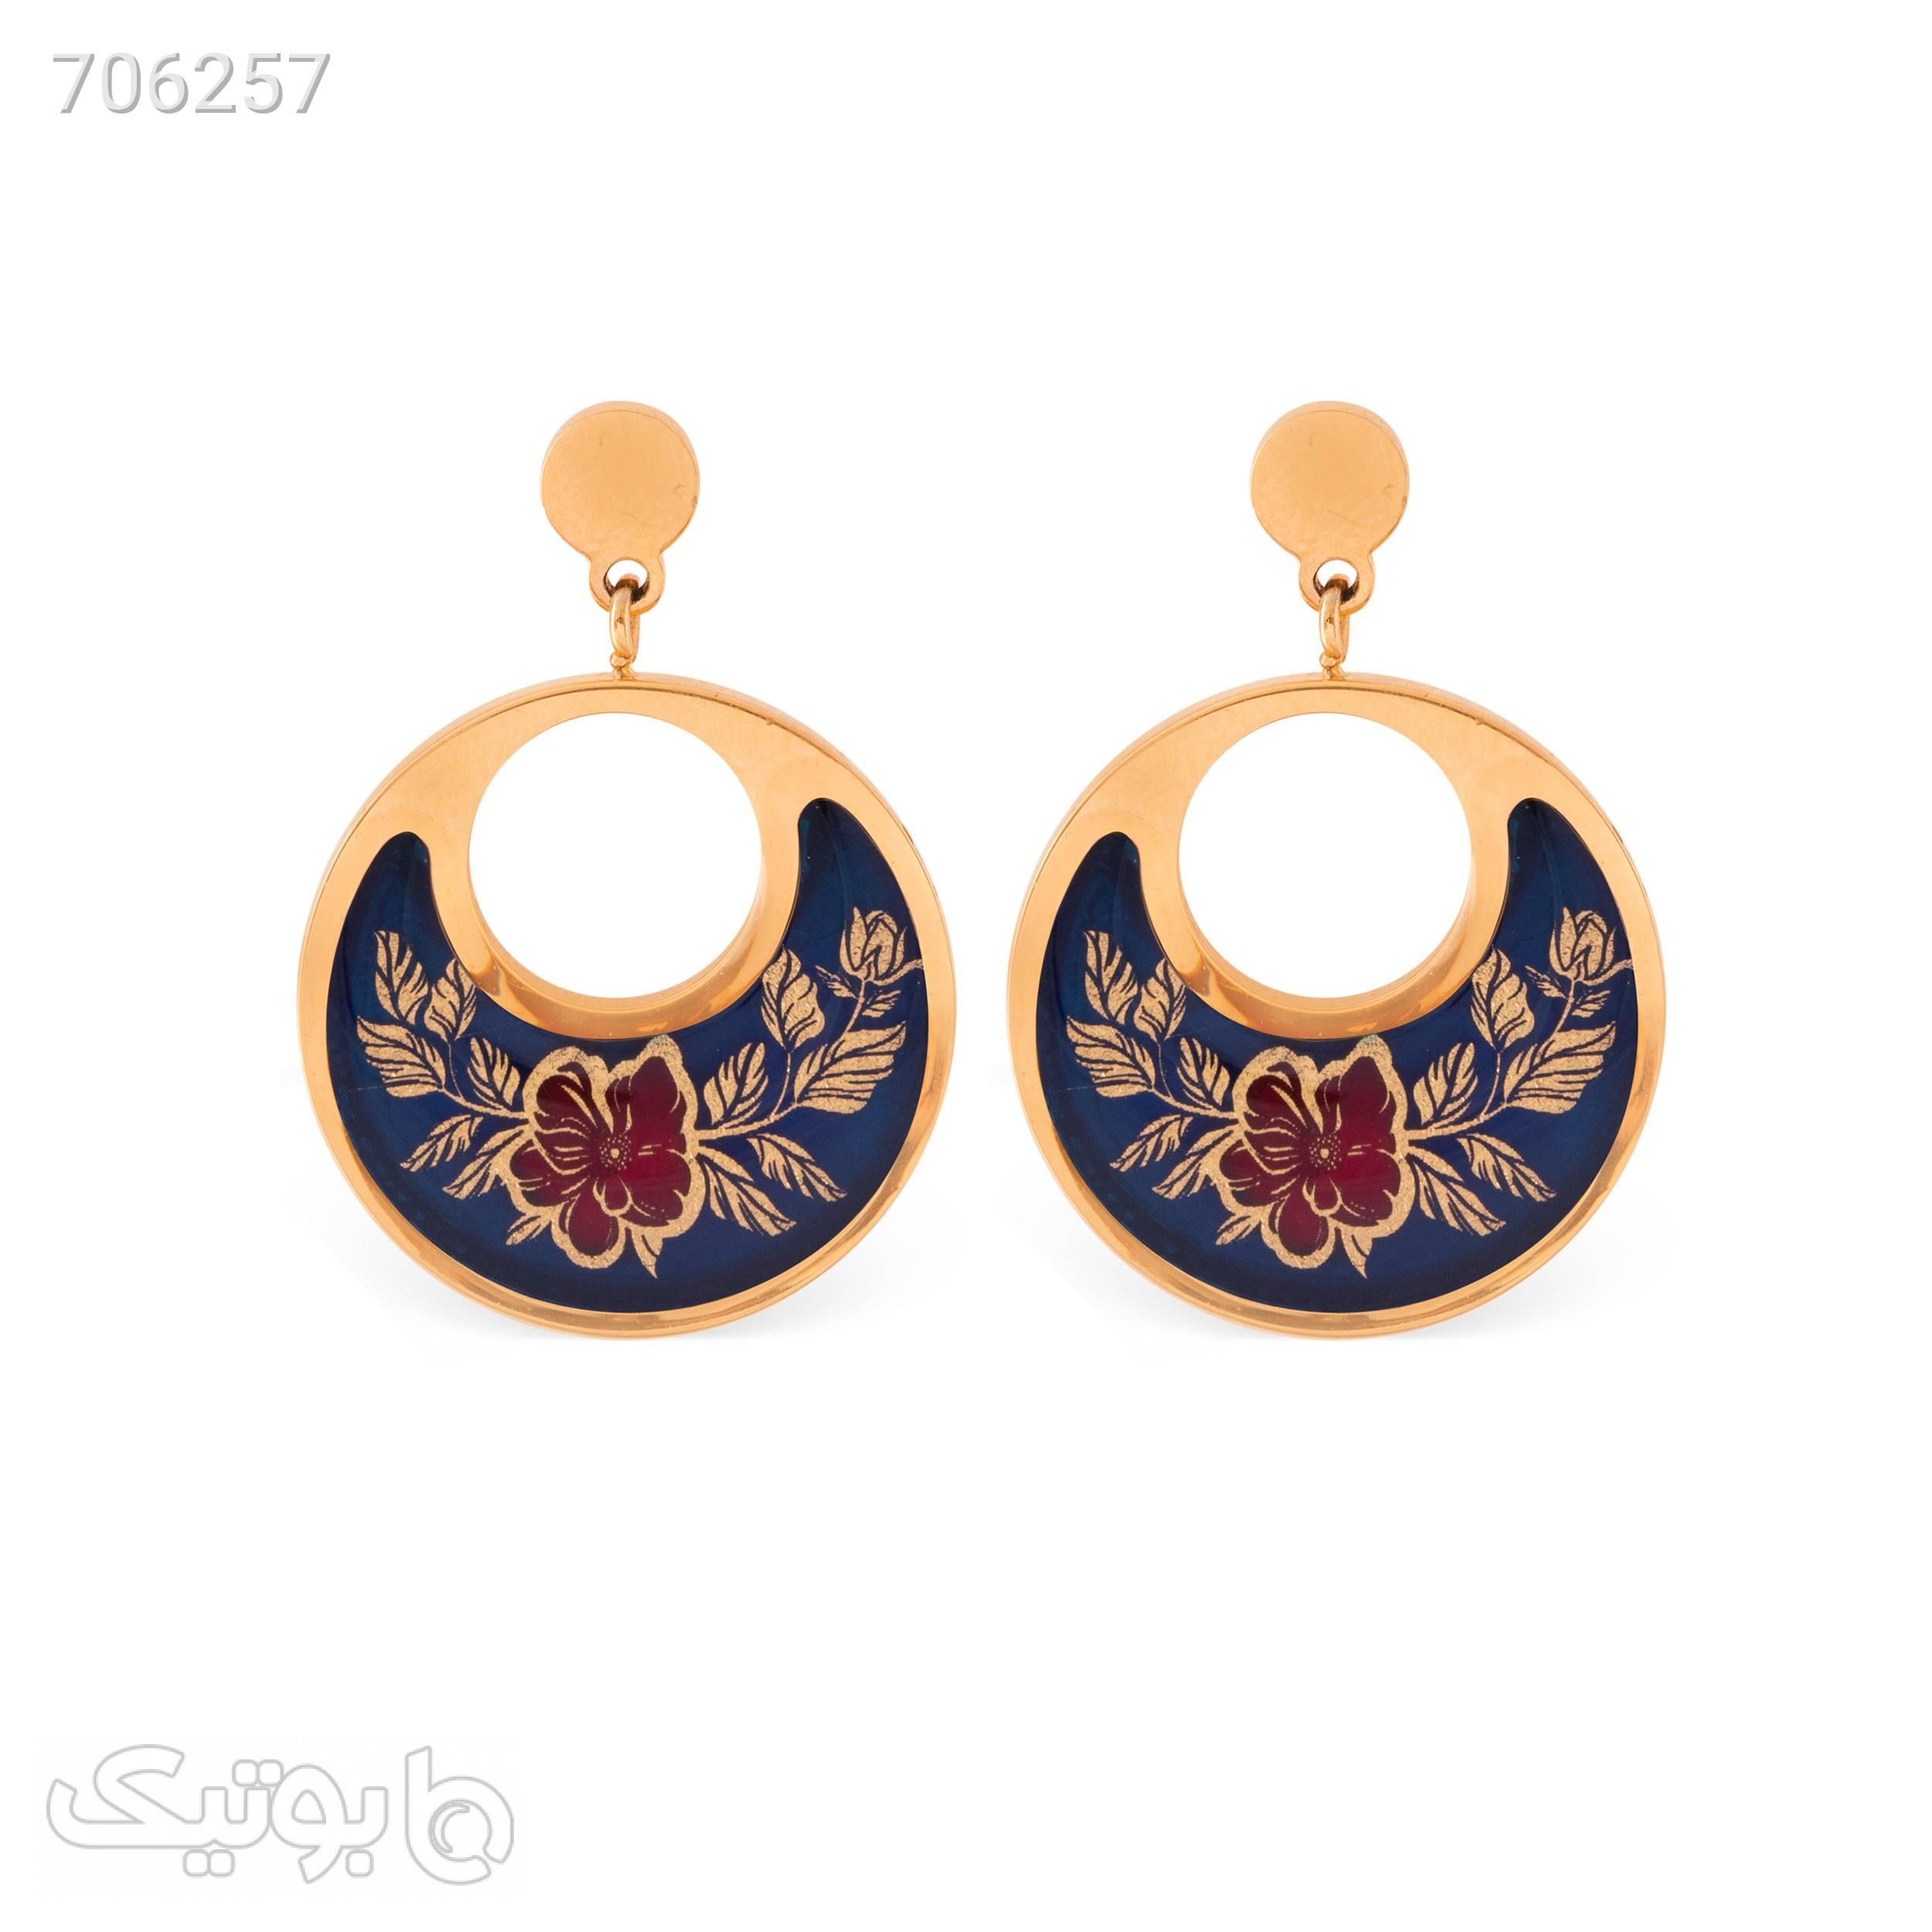 گوشواره زنانه زرسام مدل گلبرگ کد 10007451 طلایی گوشواره